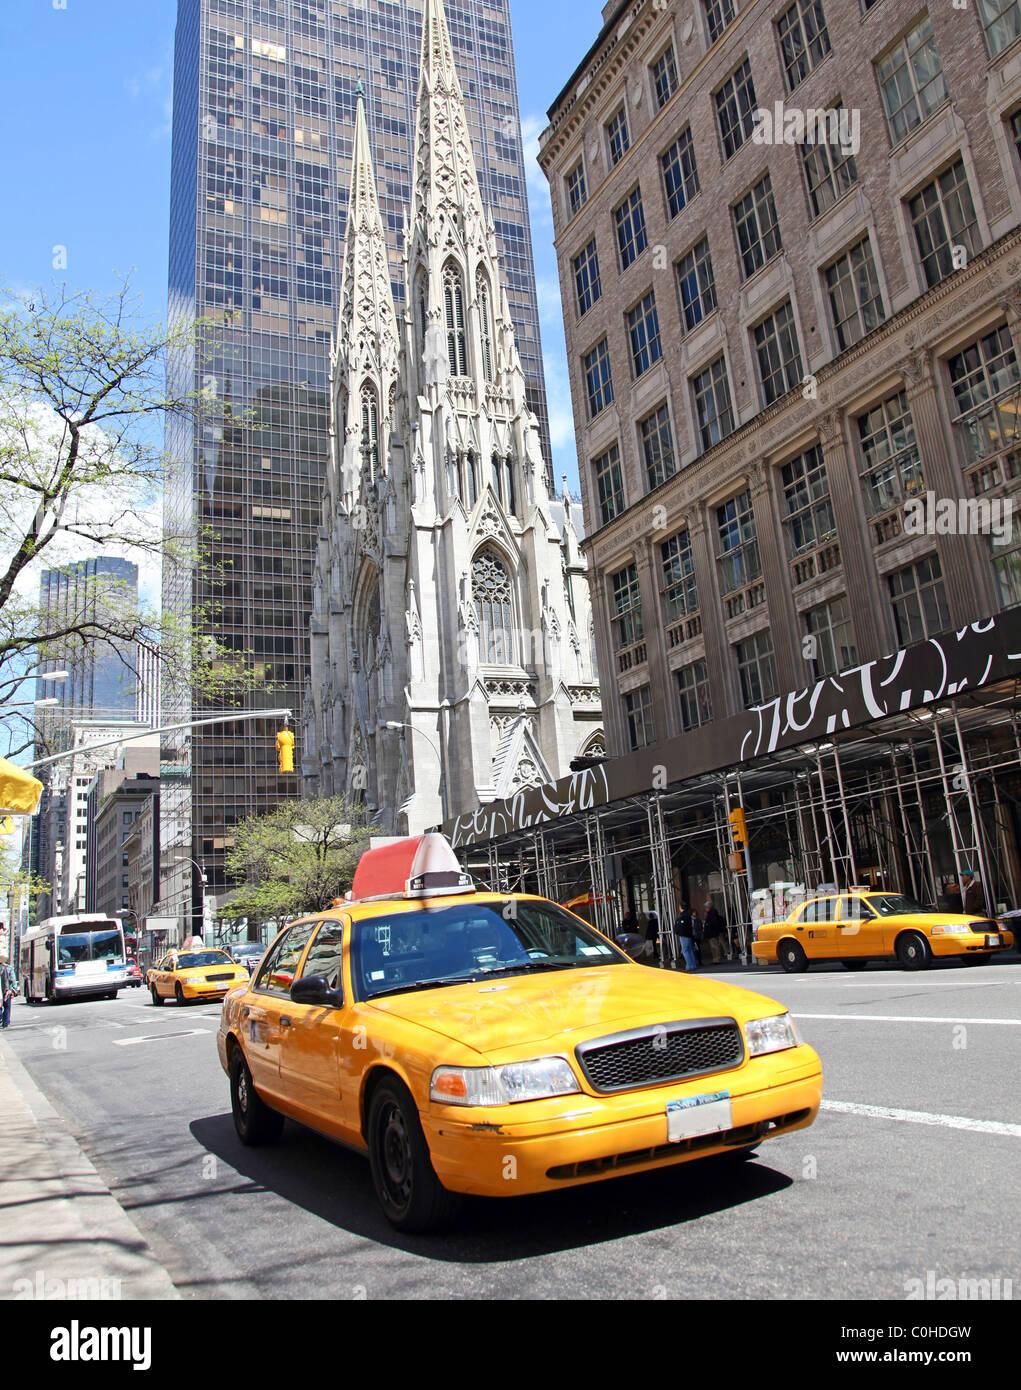 Scène de rue de la ville de New York avec St Patricks et les taxis jaunes Photo Stock